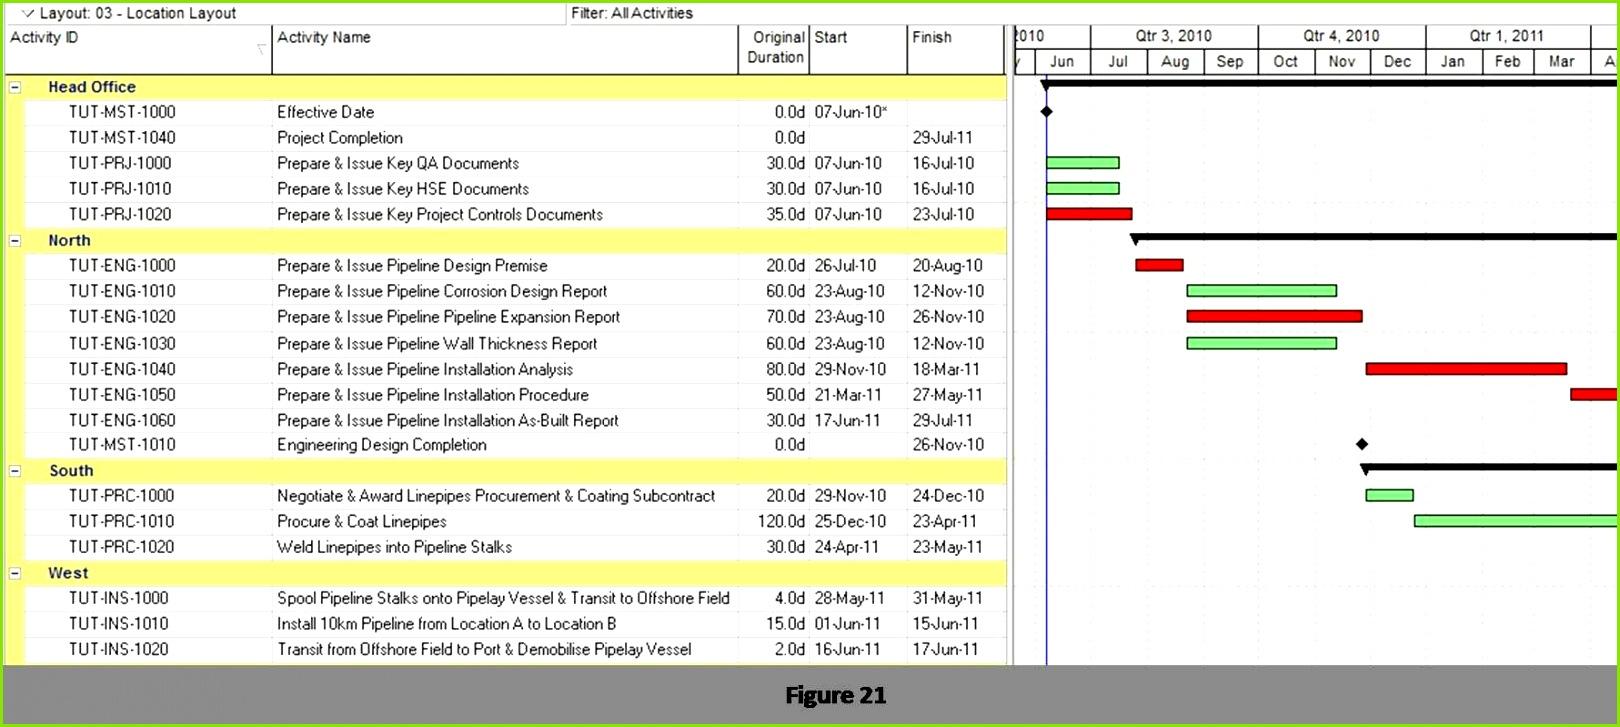 Vorlage Haushaltsbuch Druckbare 15 Haushaltsbuch Muster Einzigartig Für Musterbrief Vorlage Docs 49 Editierbar Vorlage Haushaltsbuch